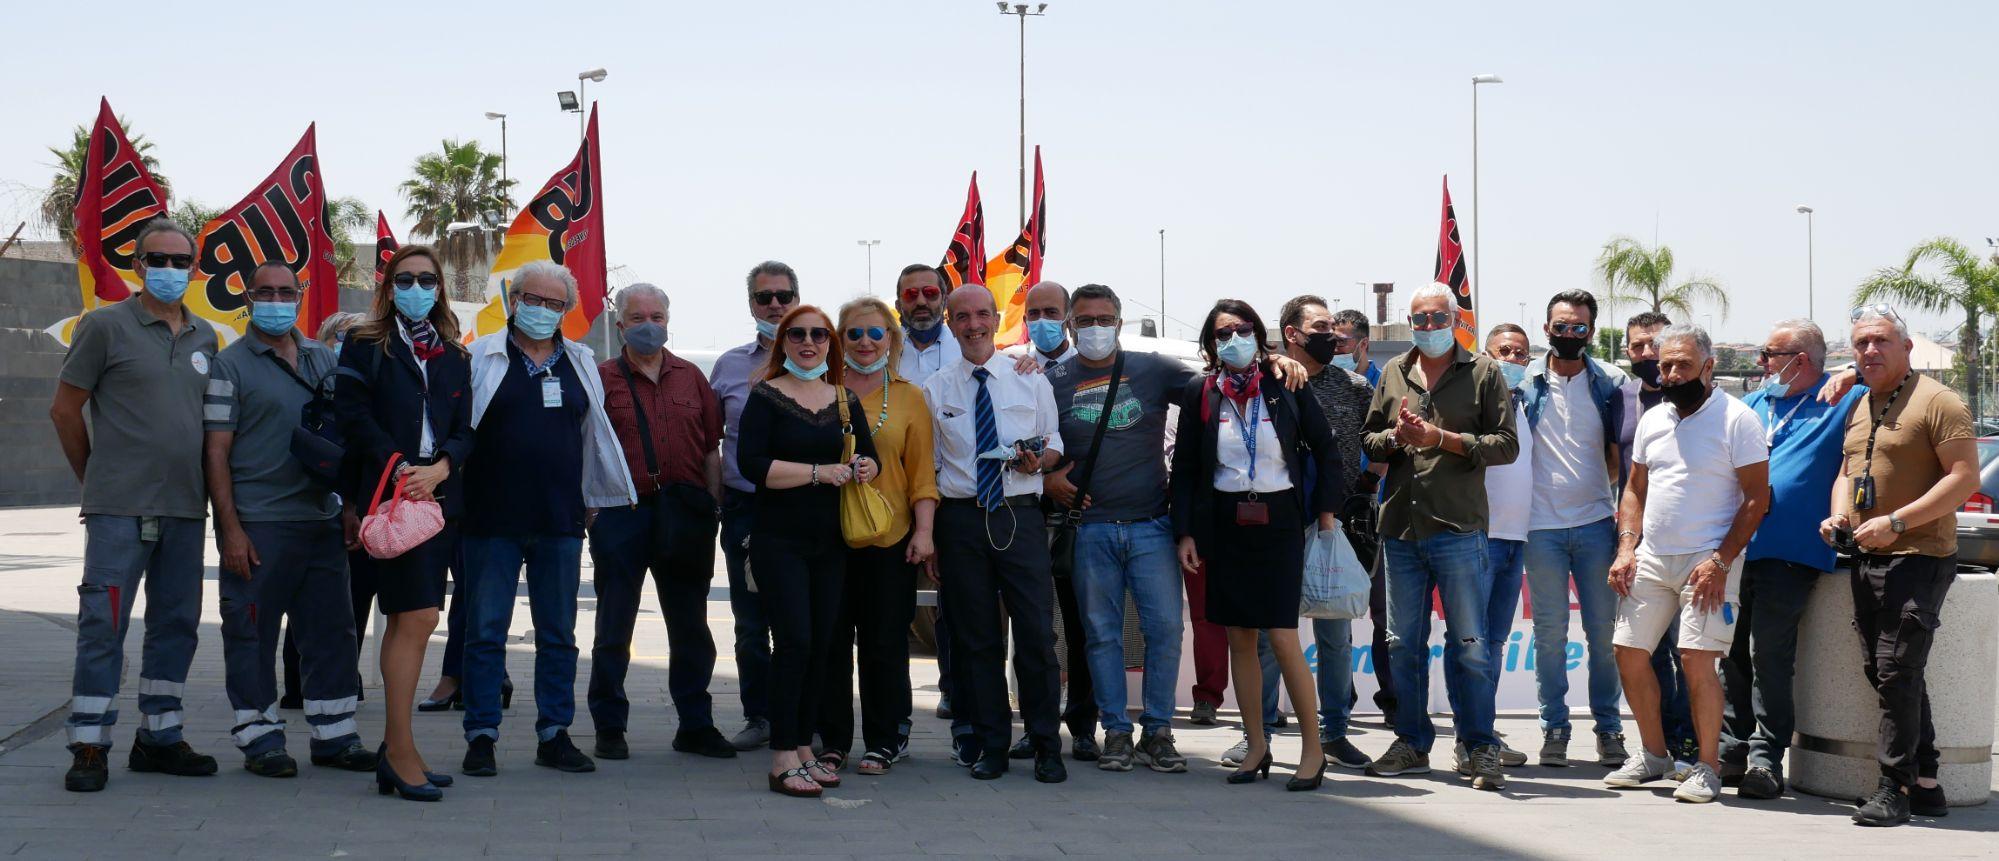 Aeroporto, passeggeri in calo del 50%, cassa integrazione a zero ore e SAC spende 112.000 euro in cestini per i rifiuti